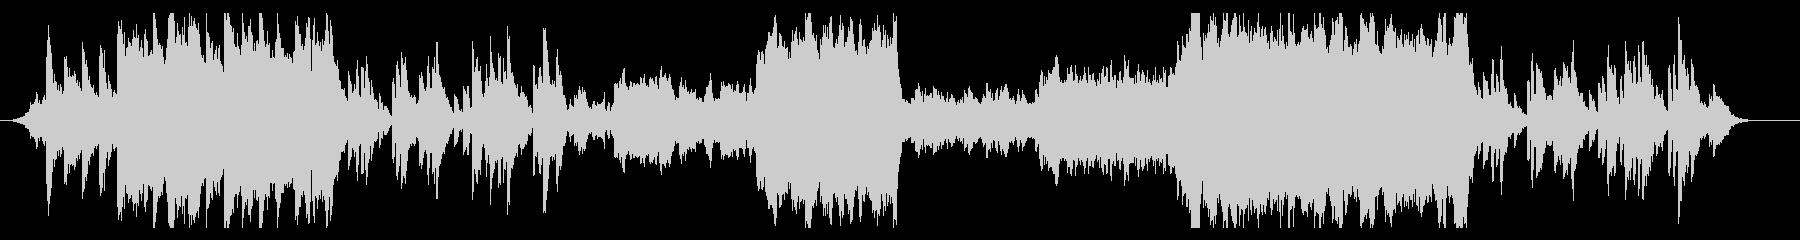 エモーショナルなエンディング風BGMの未再生の波形